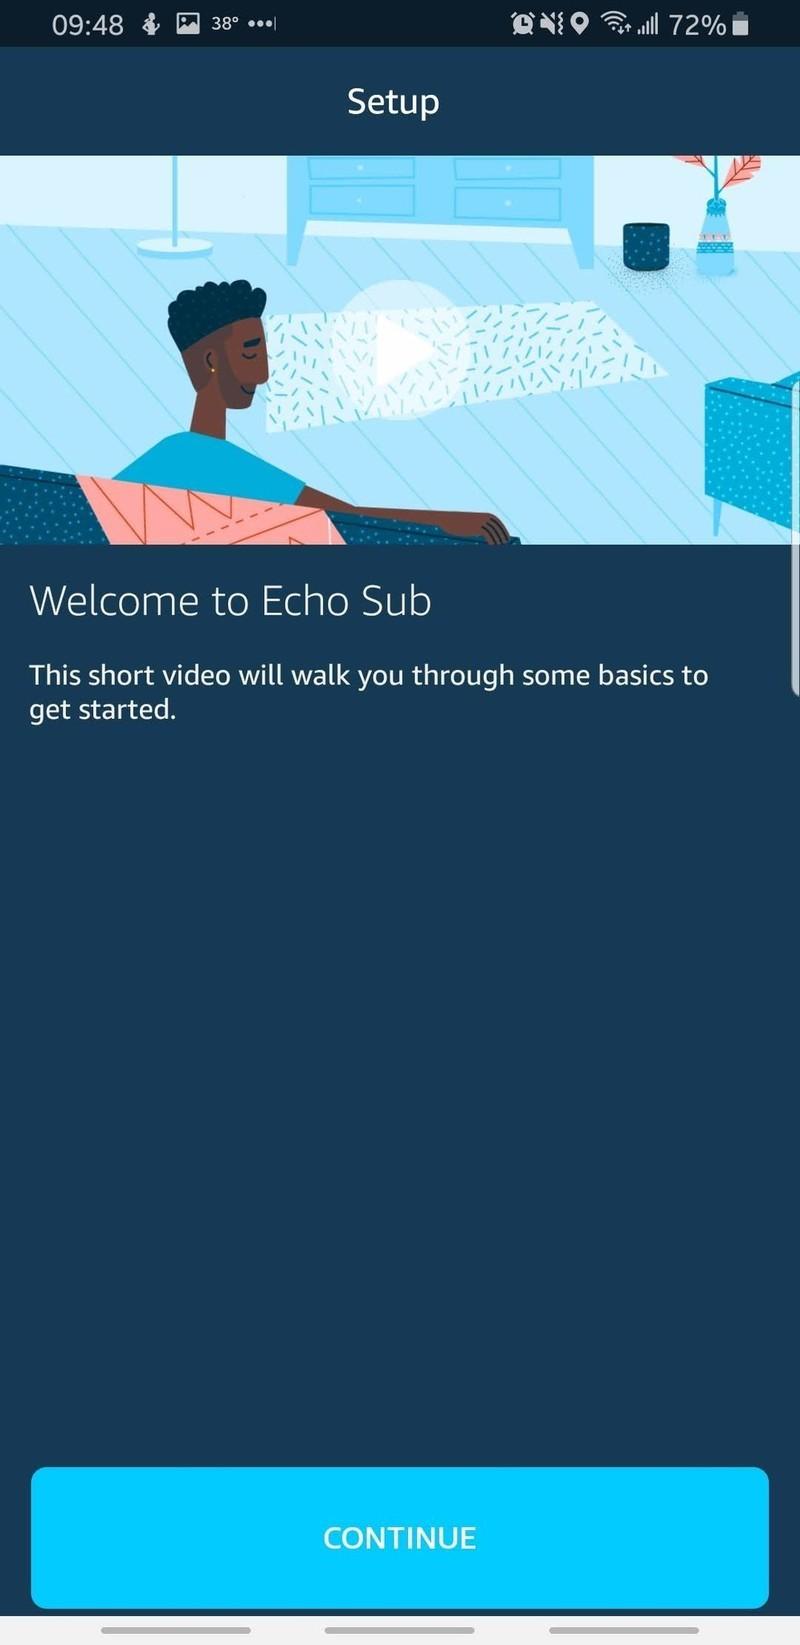 echo-sub-12.jpg?itok=JOx6VkYq